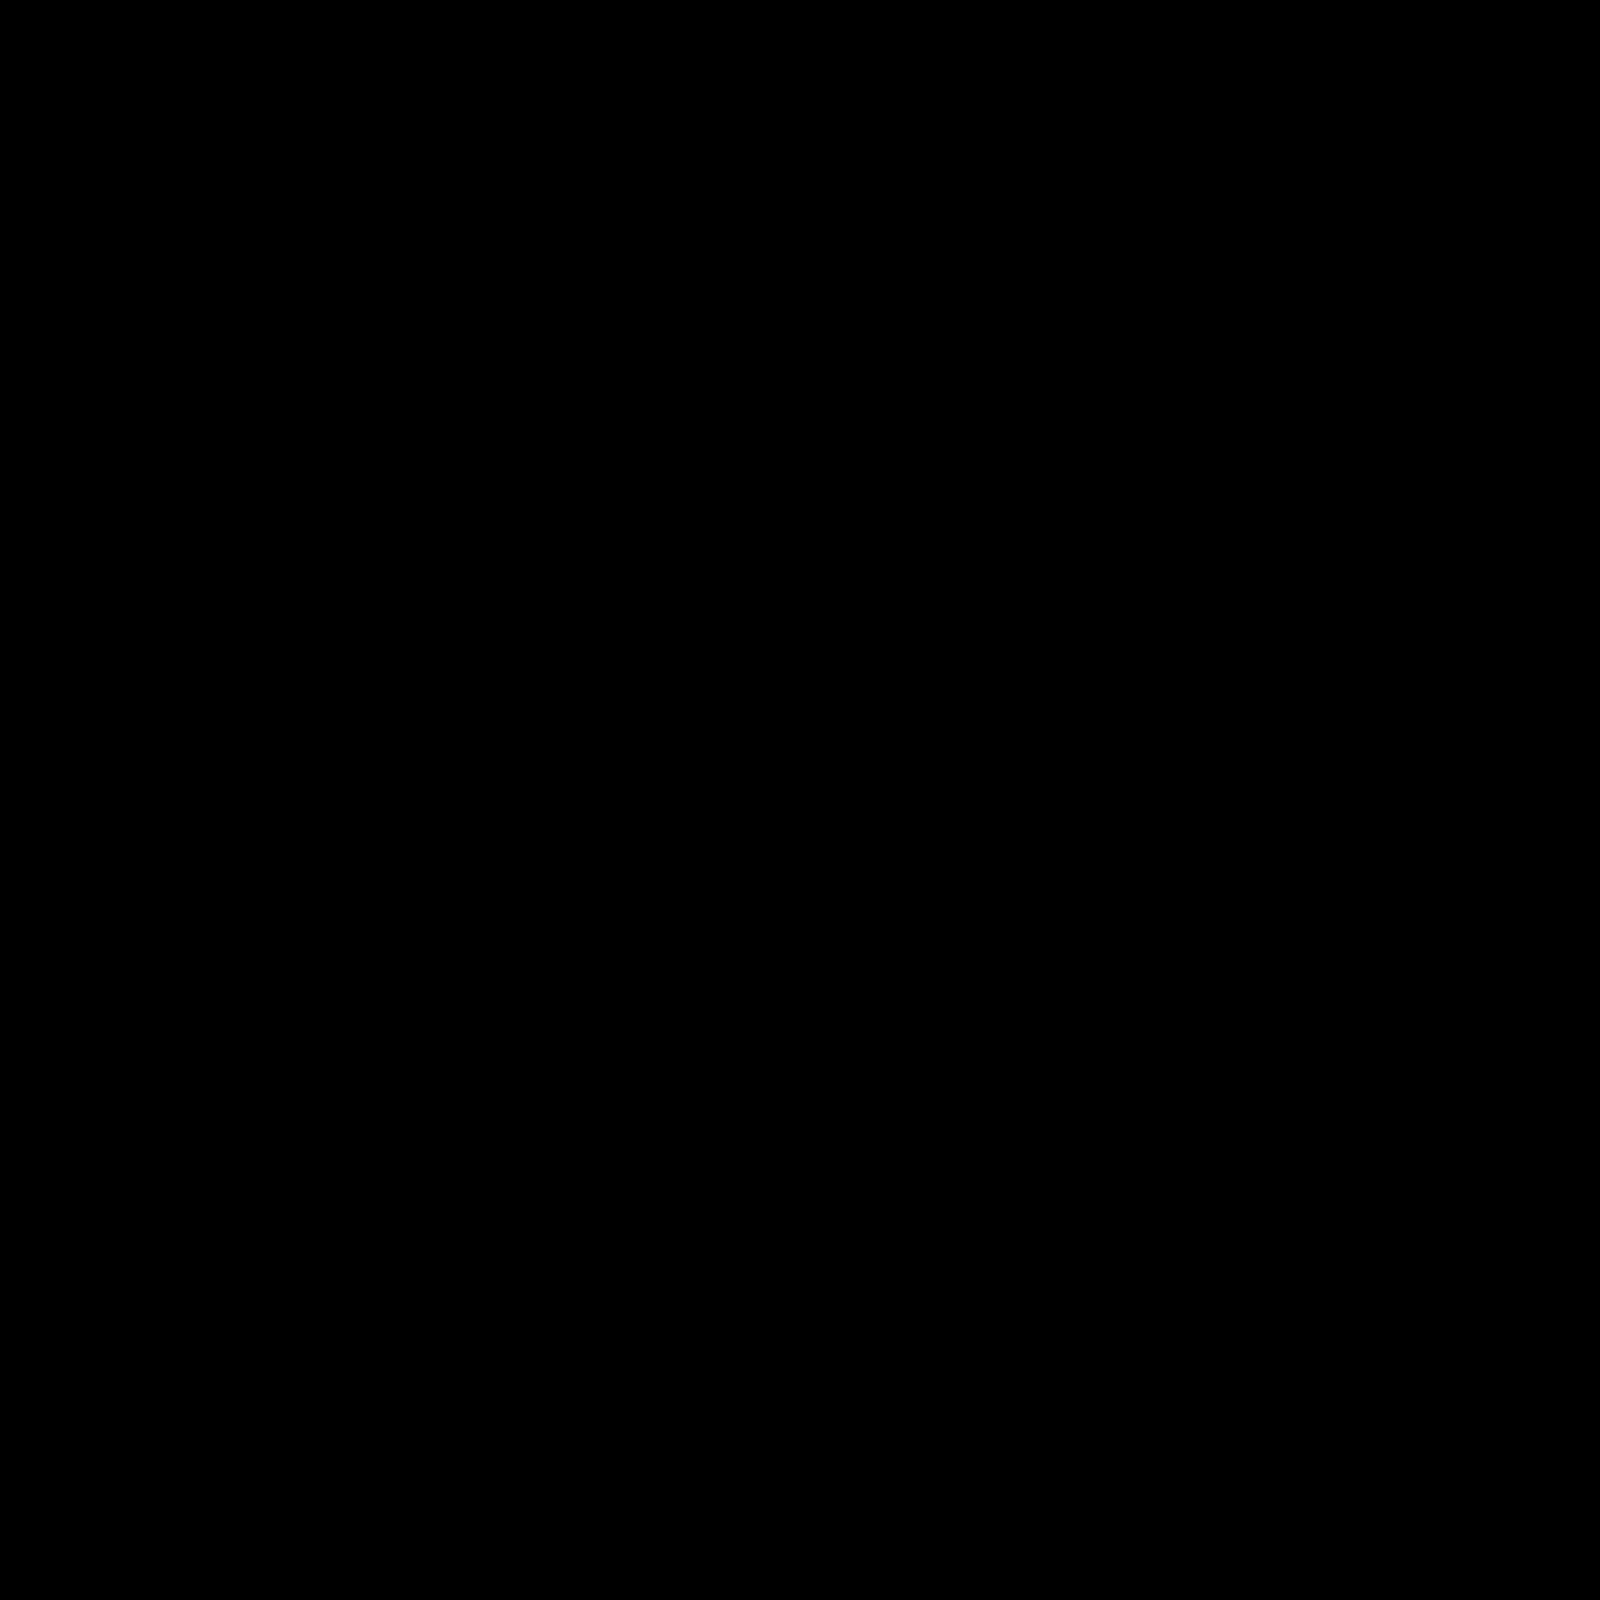 Иконка CloudShot - скачать бесплатно в PNG и векторе 78710dd6d82